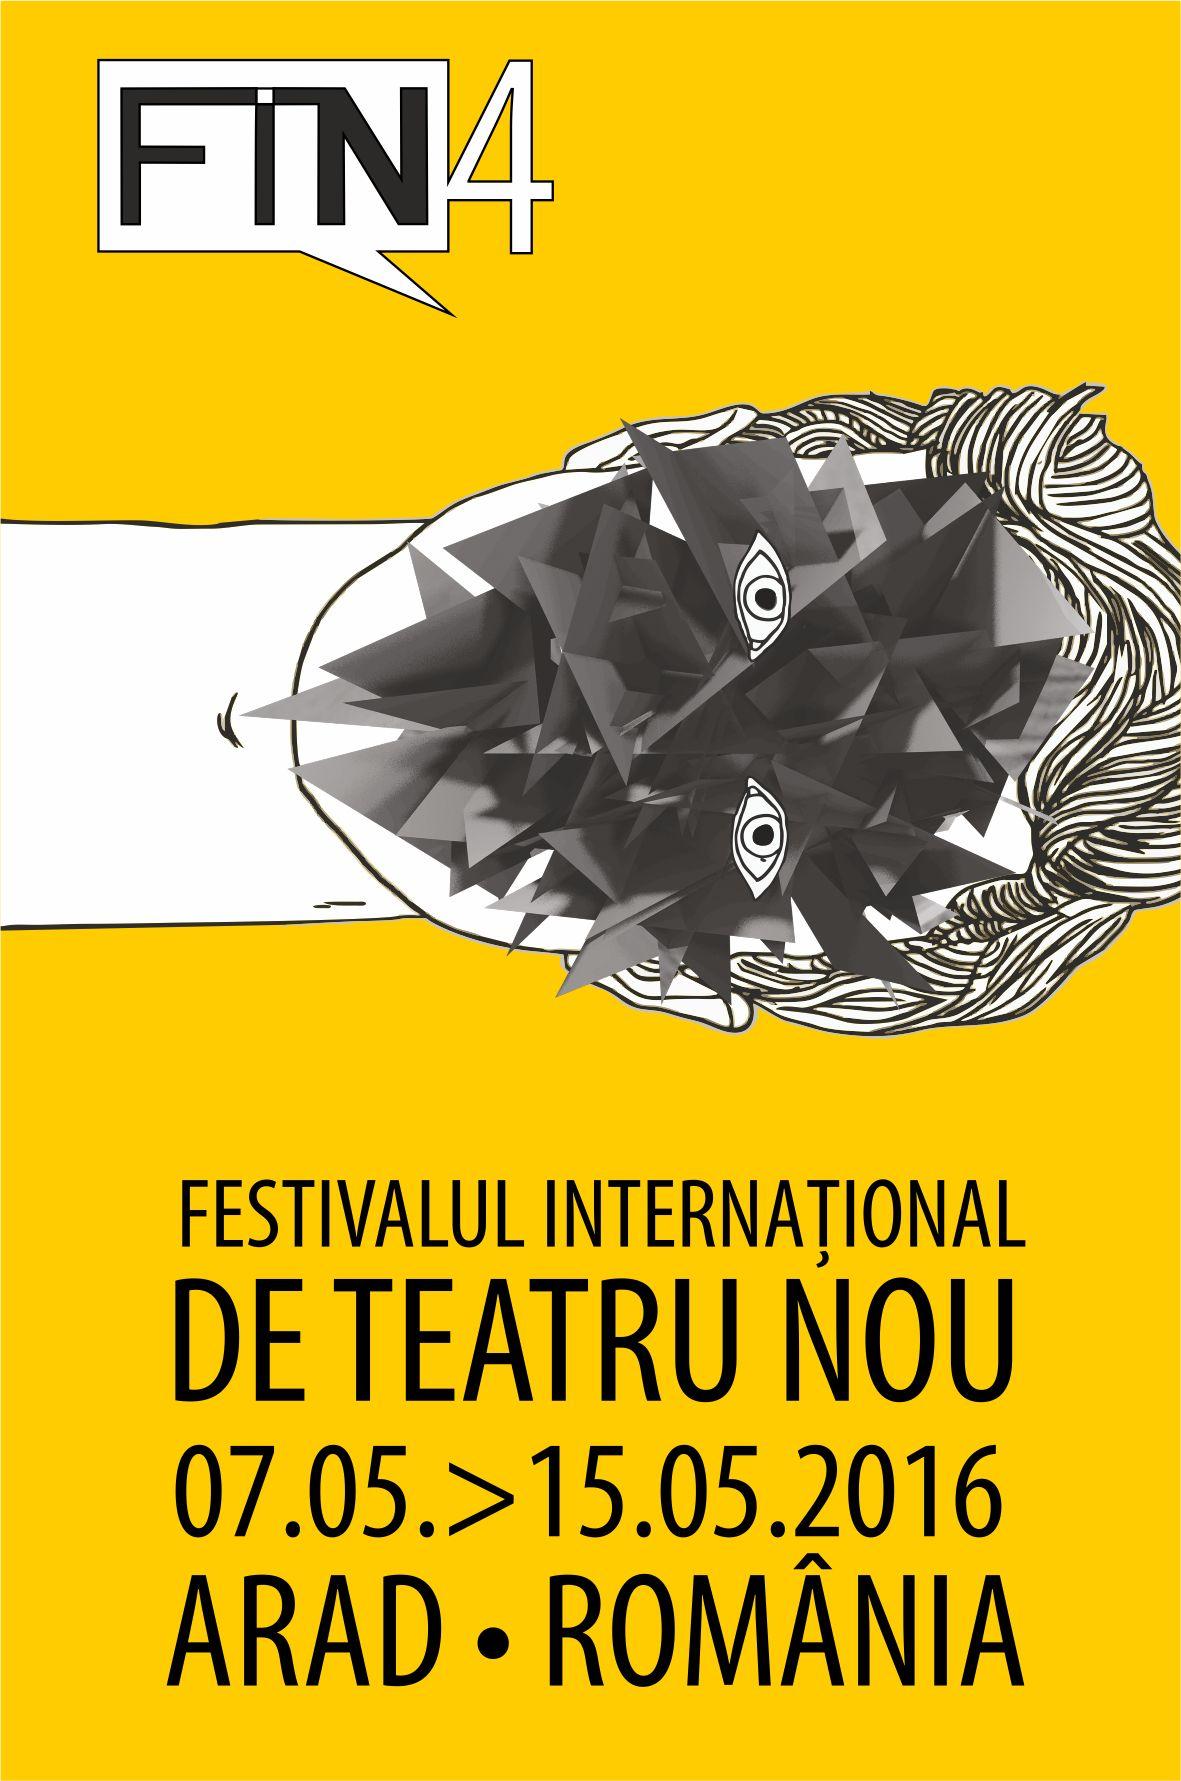 Douazeci si patru de spectacole invitate  la Festivalul International de Teatru Nou Arad!